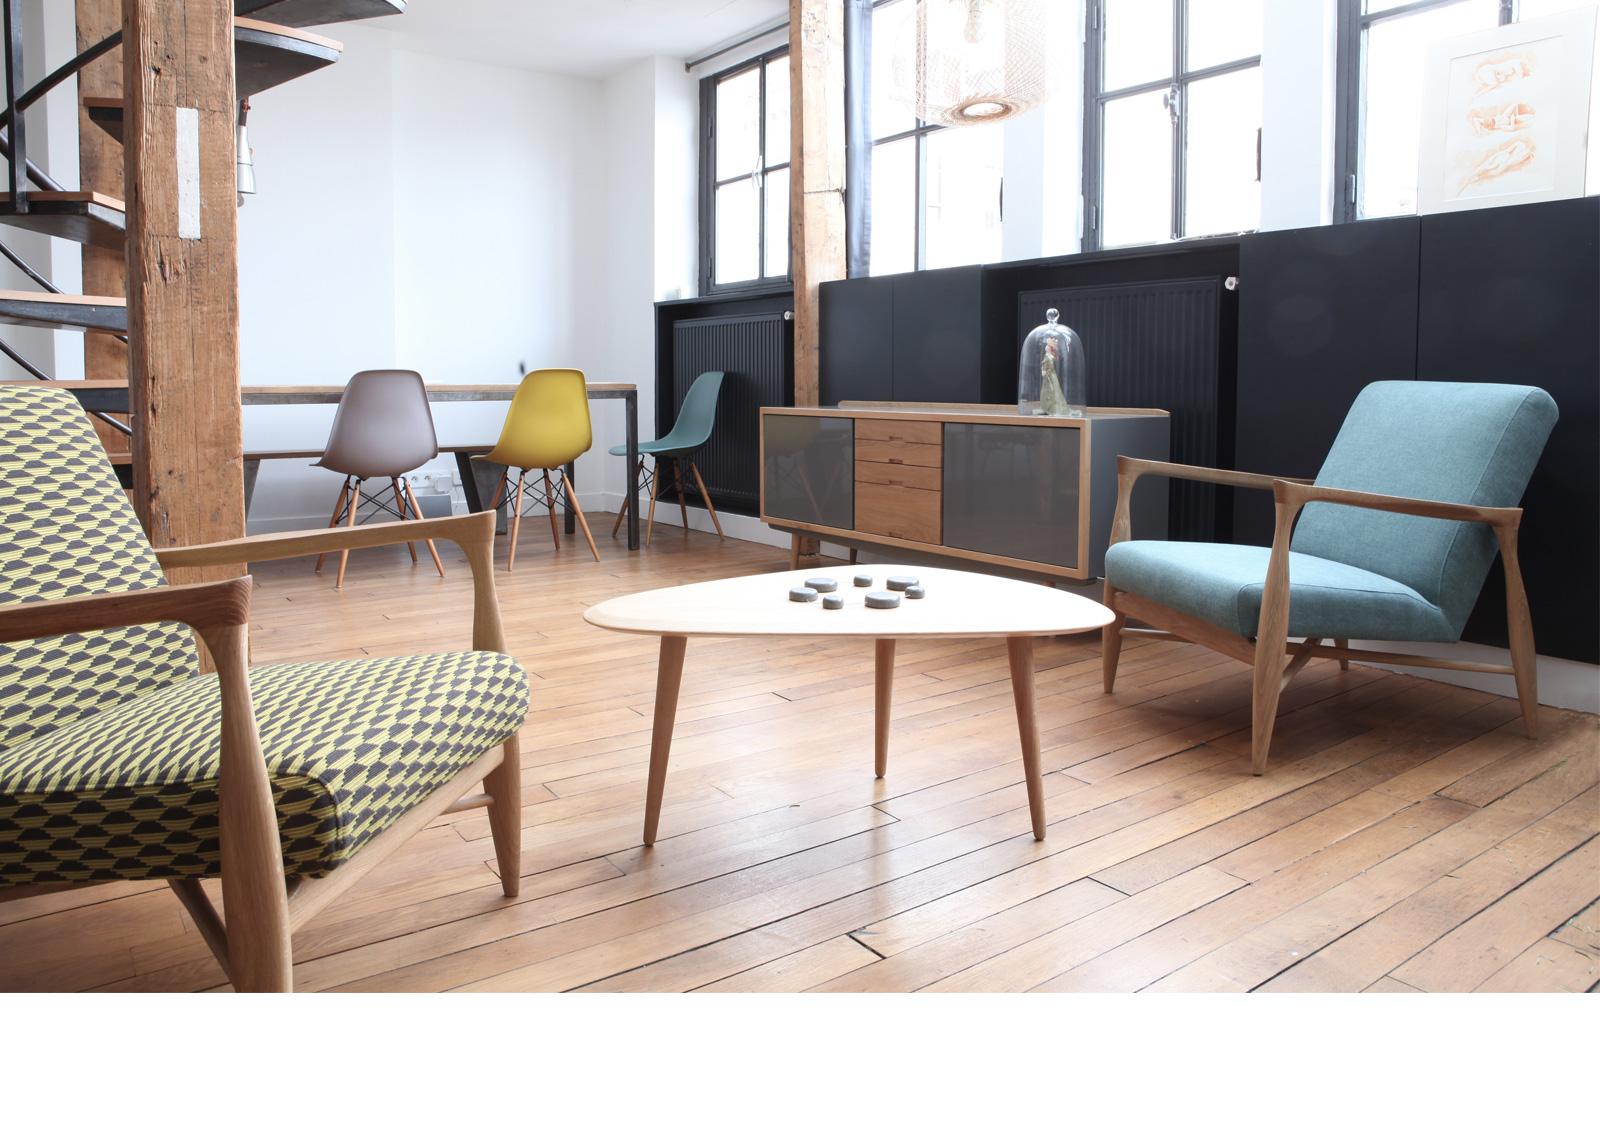 meuble bois design scandinave le monde de l a. Black Bedroom Furniture Sets. Home Design Ideas